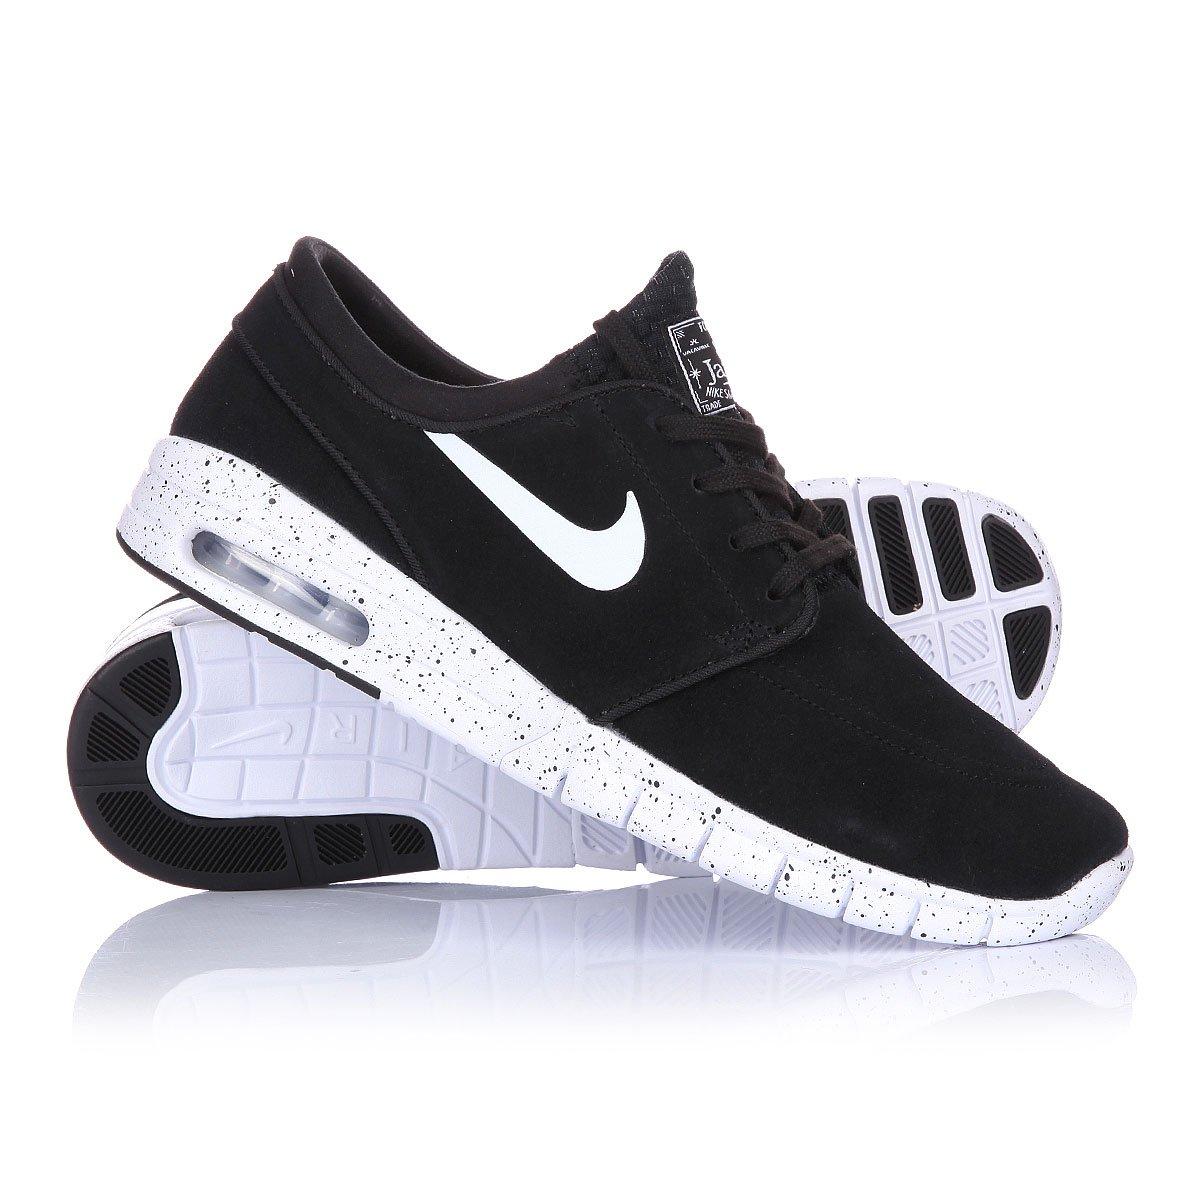 Купить обувь для бега в КАНТе | Беговые кроссовки купить